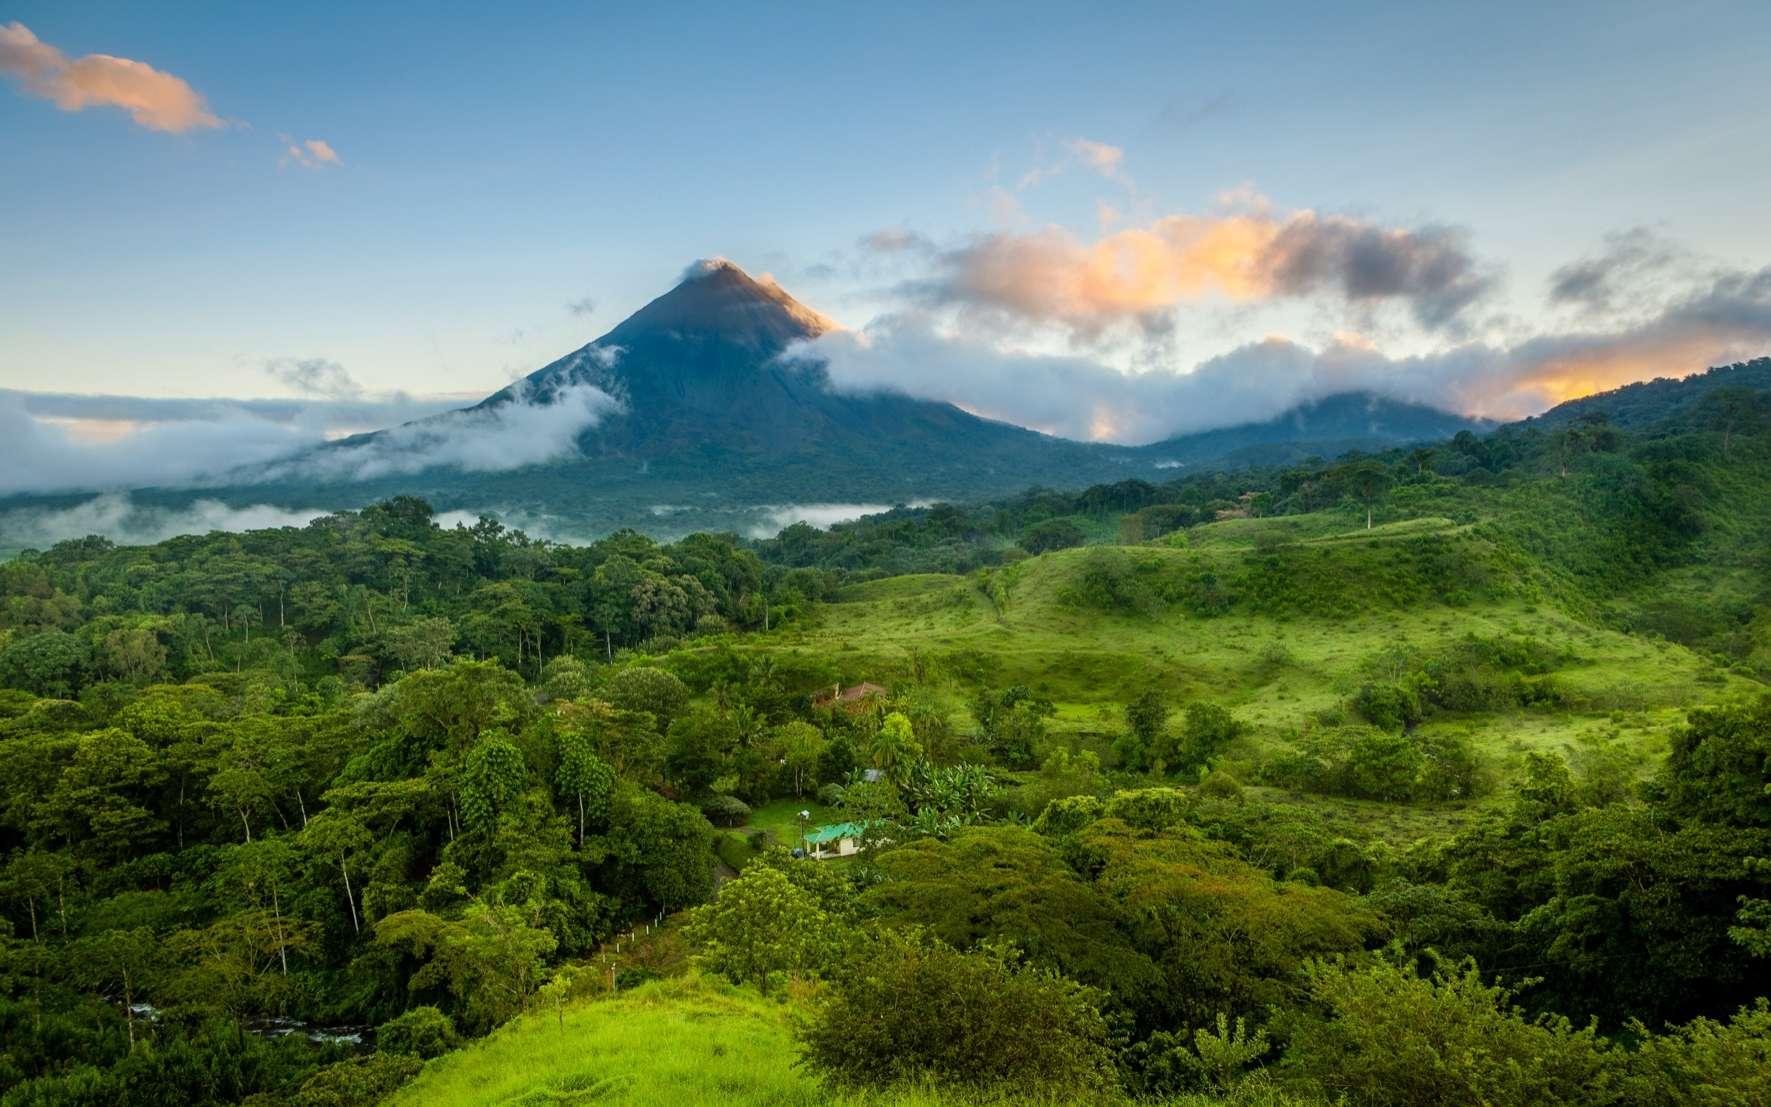 Le Costa Rica. © Alexey Stiop, Adobe Stock